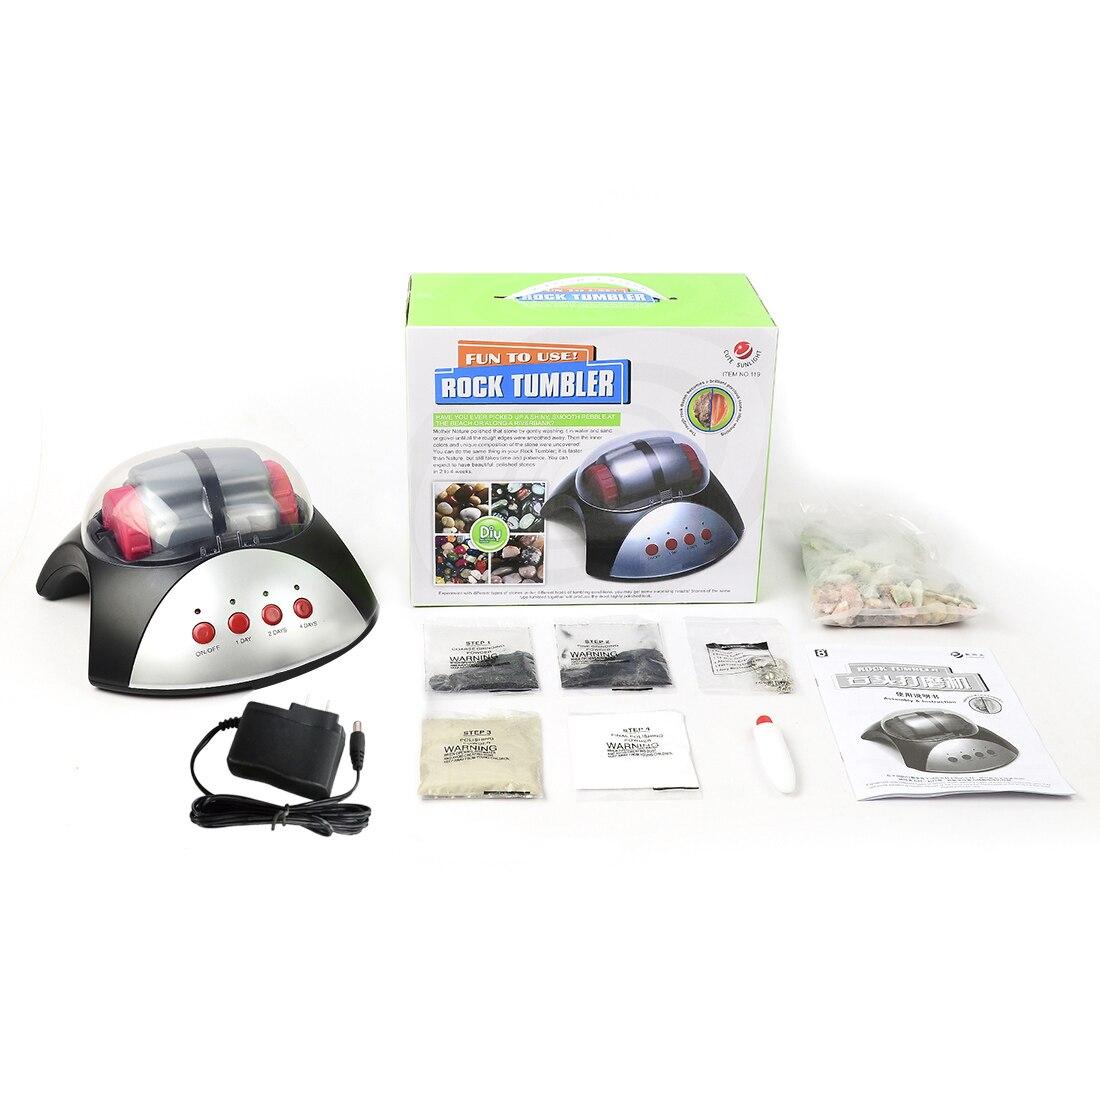 Bricolage enfants Rock gobelet Science et éducation série polisseuse Machine apprentissage précoce jouets éducatifs pour les enfants - 2